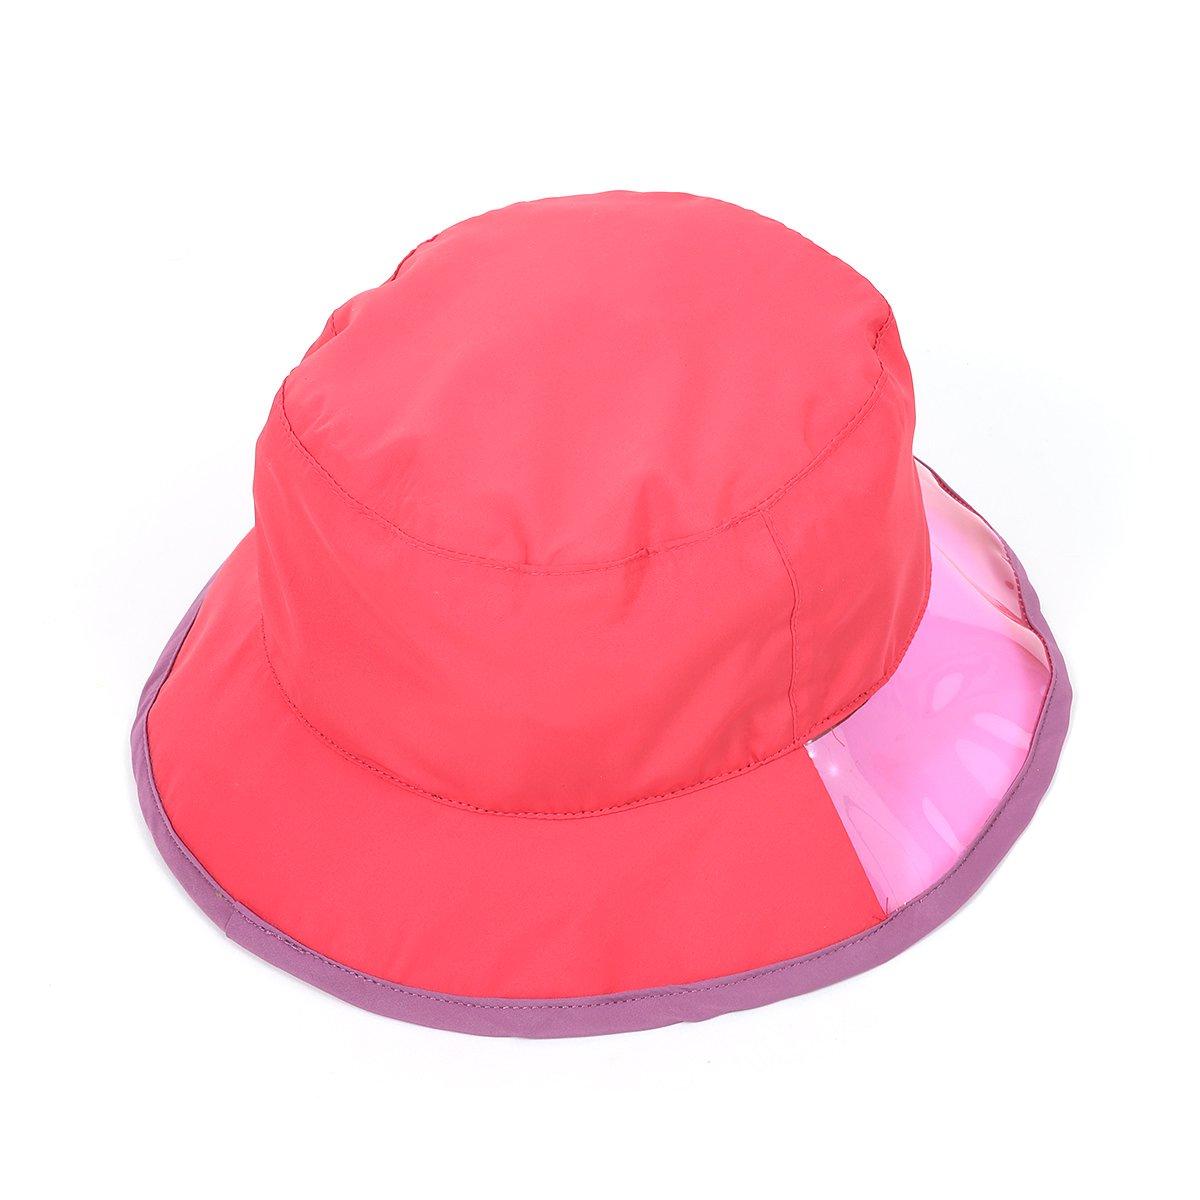 【KIDS】Rain PVC Hat 詳細画像5